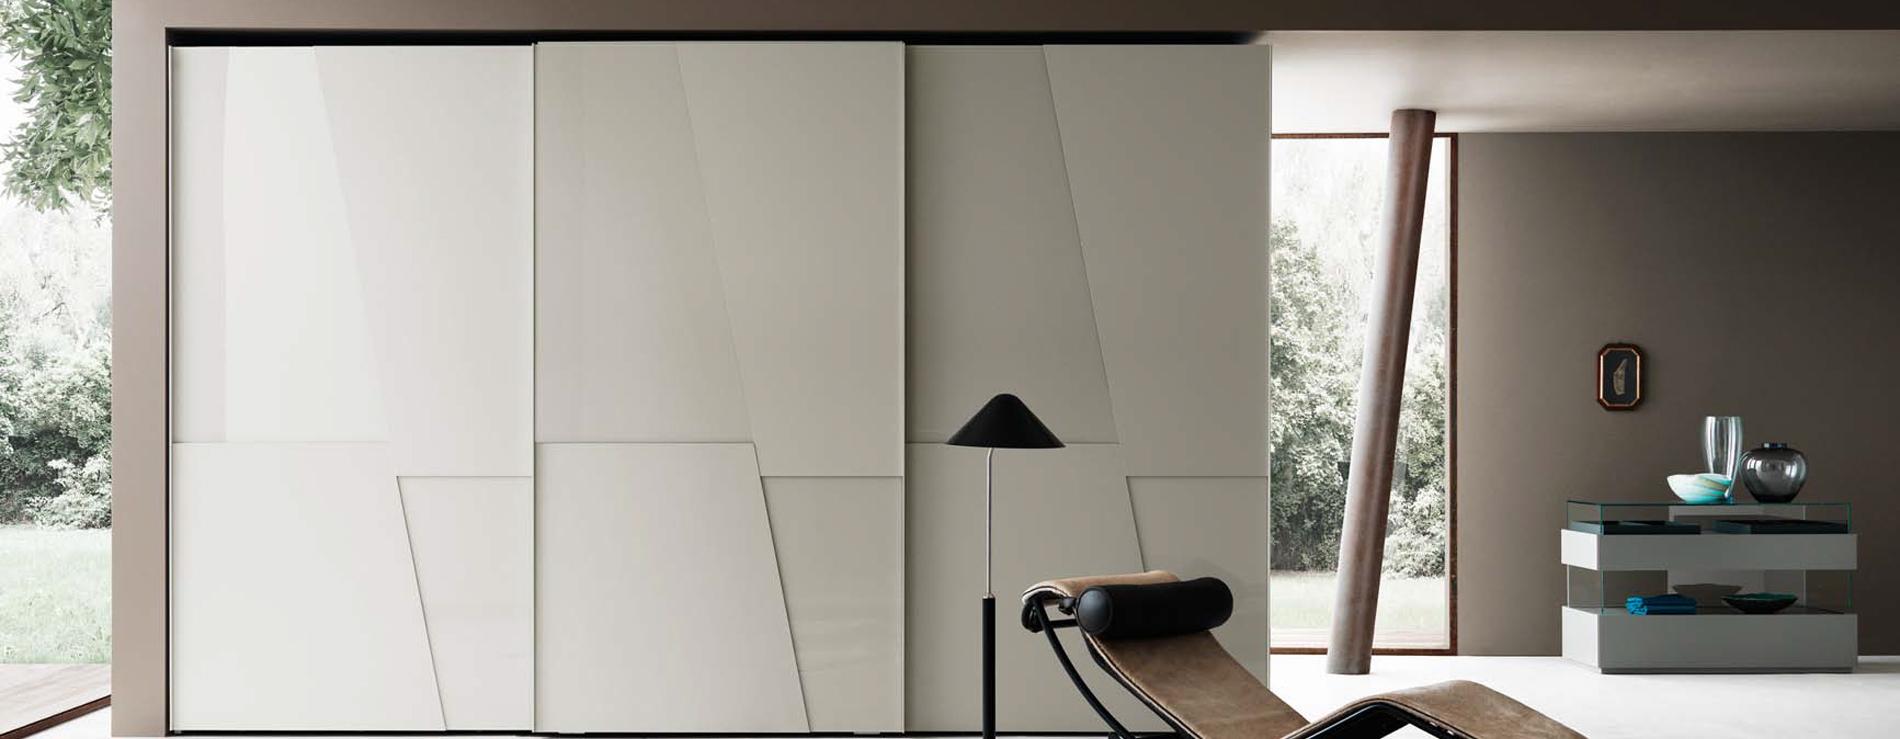 Armadio scorrevole con anta diagonal san giacomo - San giacomo camere da letto ...